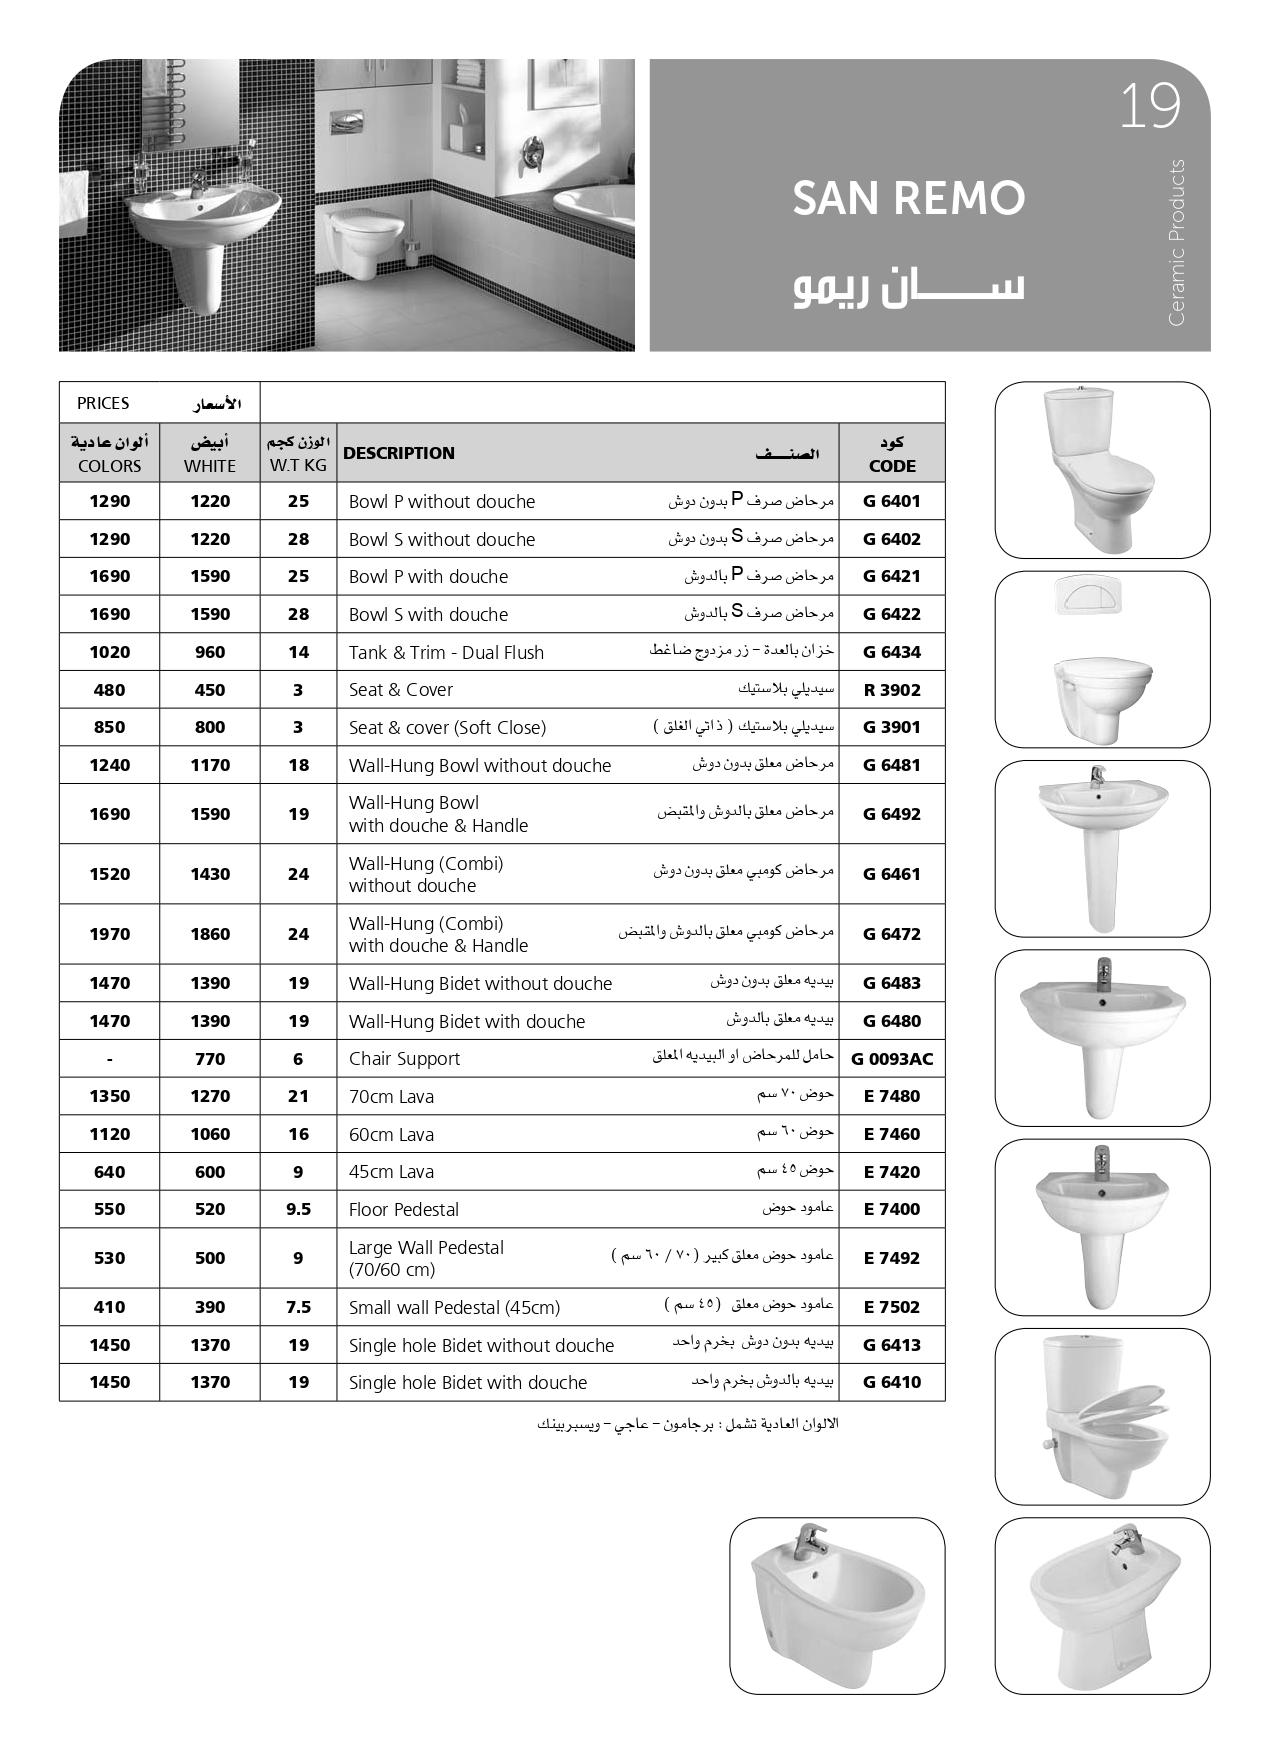 أسعار اطقم حمامات سان ريمو ايديال ستاندرد 2020